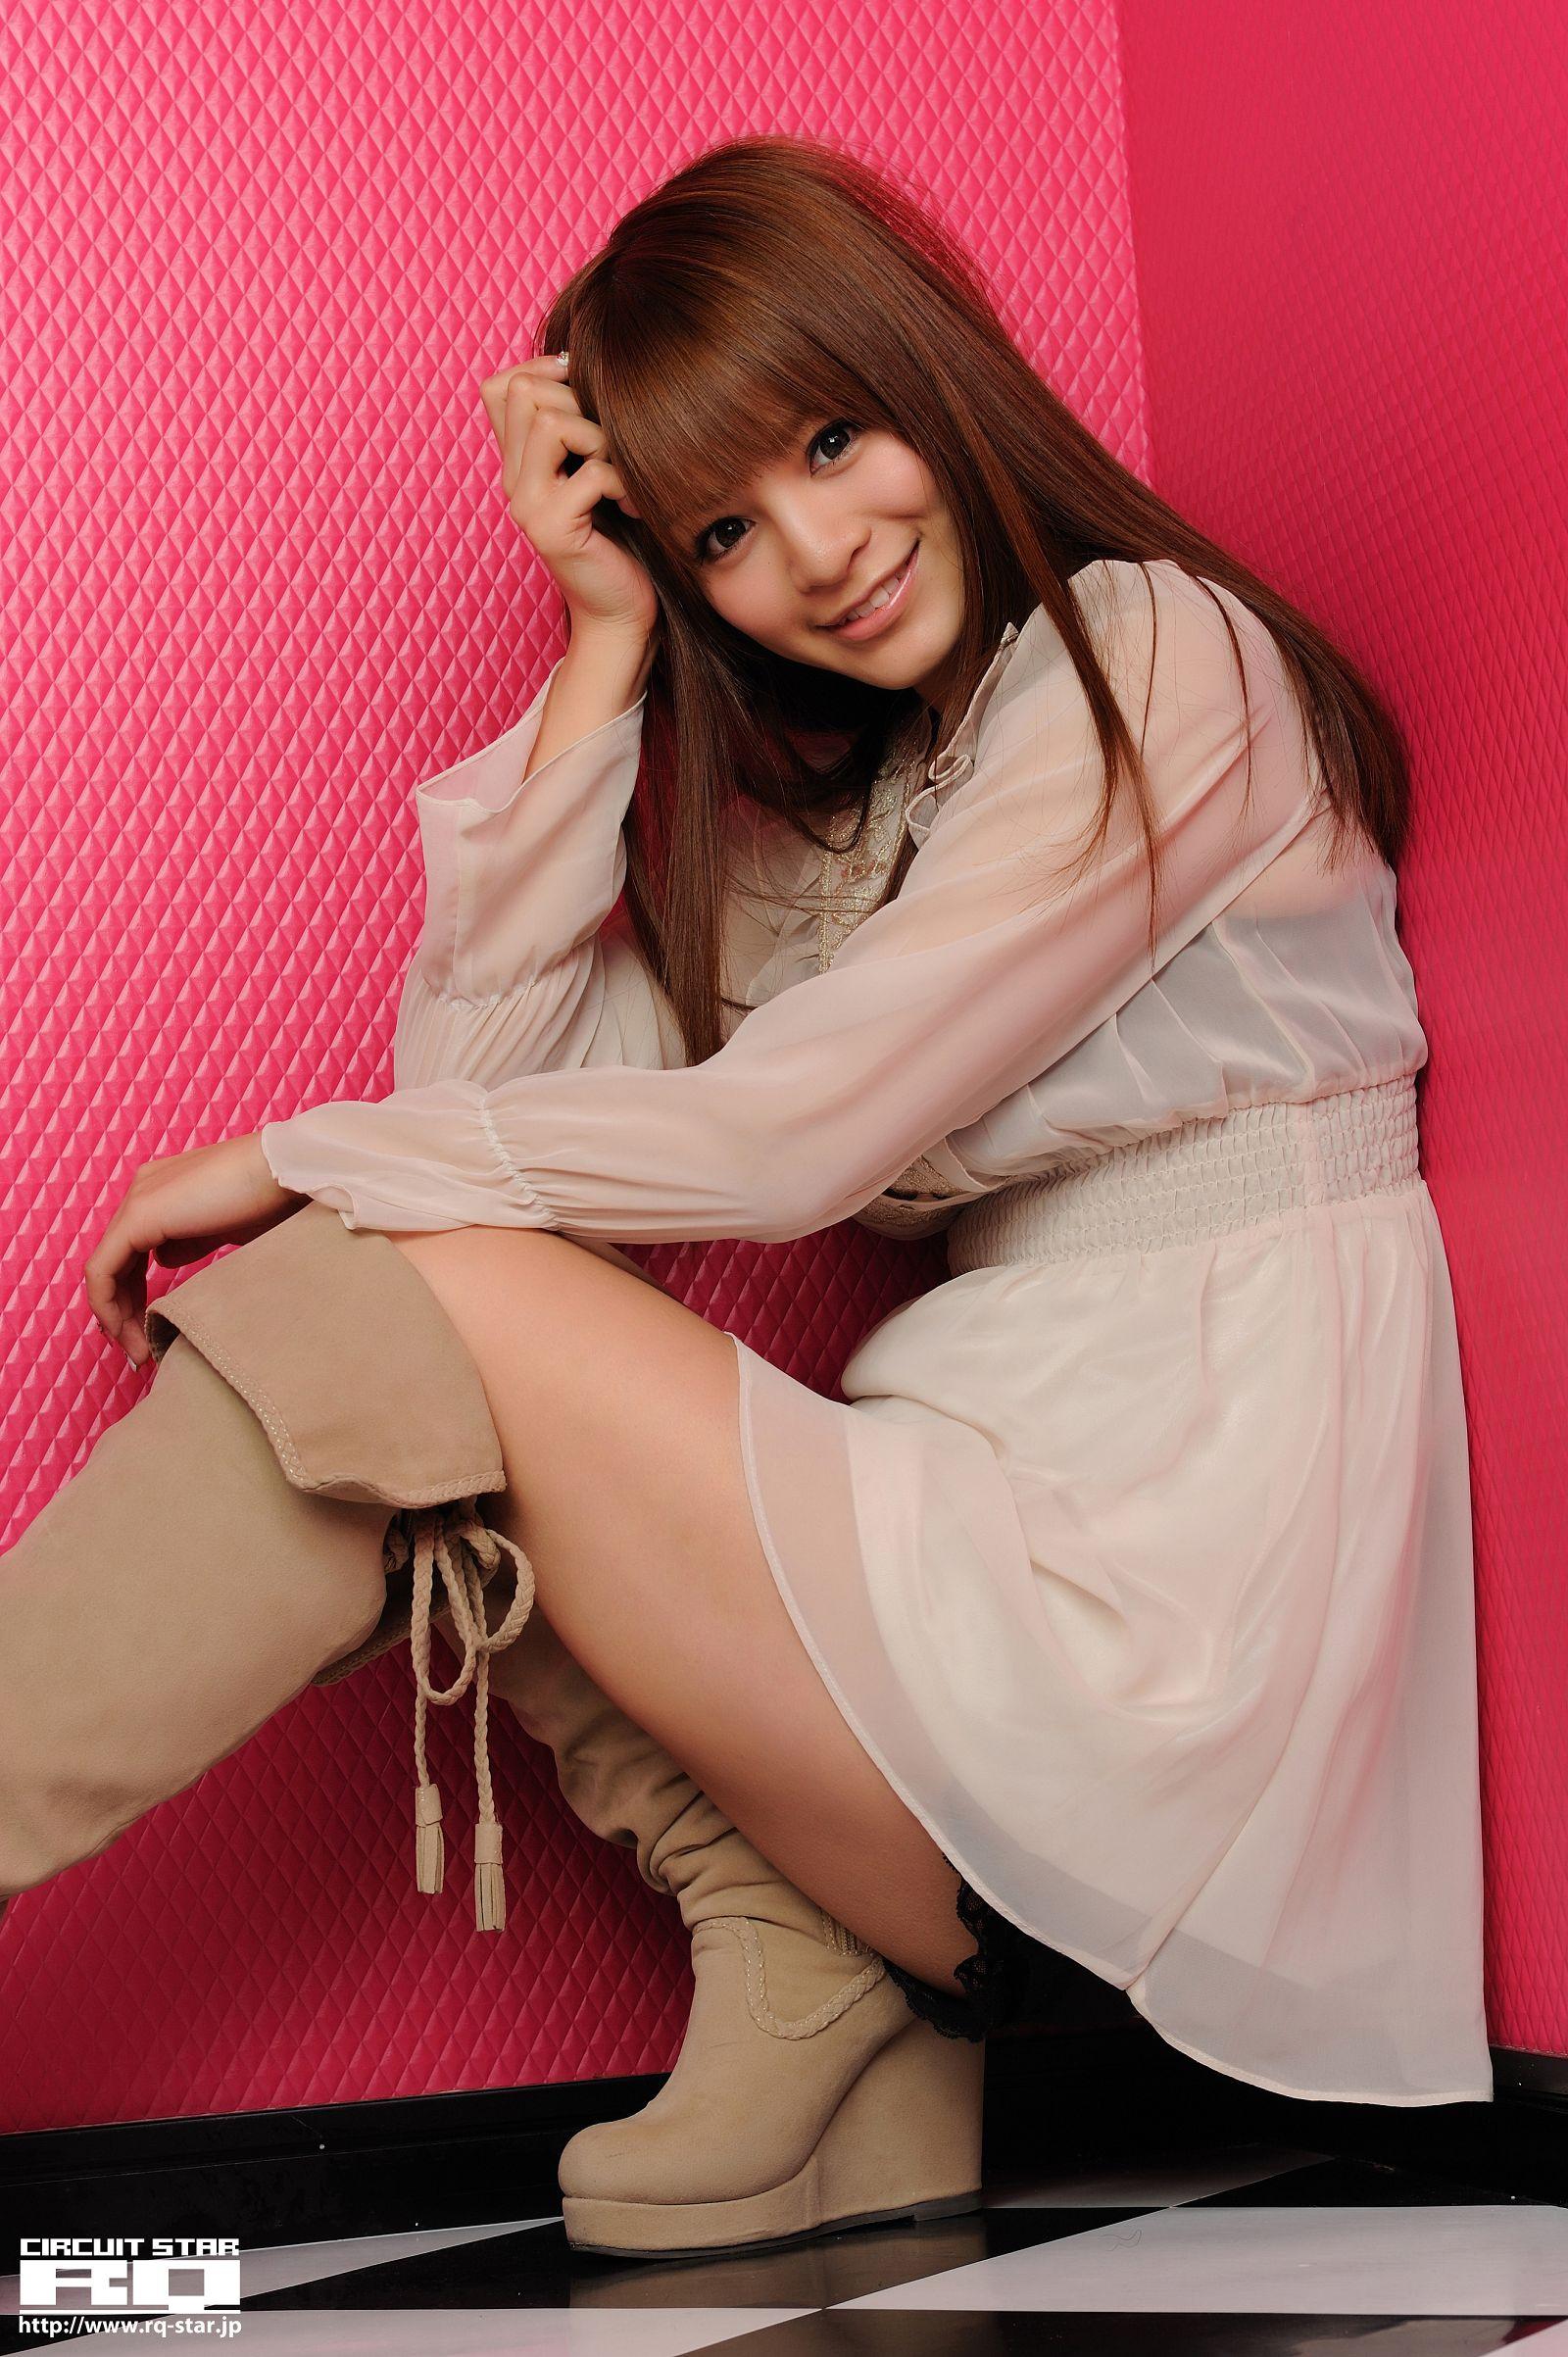 [RQ STAR美女] NO.00579 Megumi Haruna 春菜めぐみ Private Dress[70P] RQ STAR 第3张